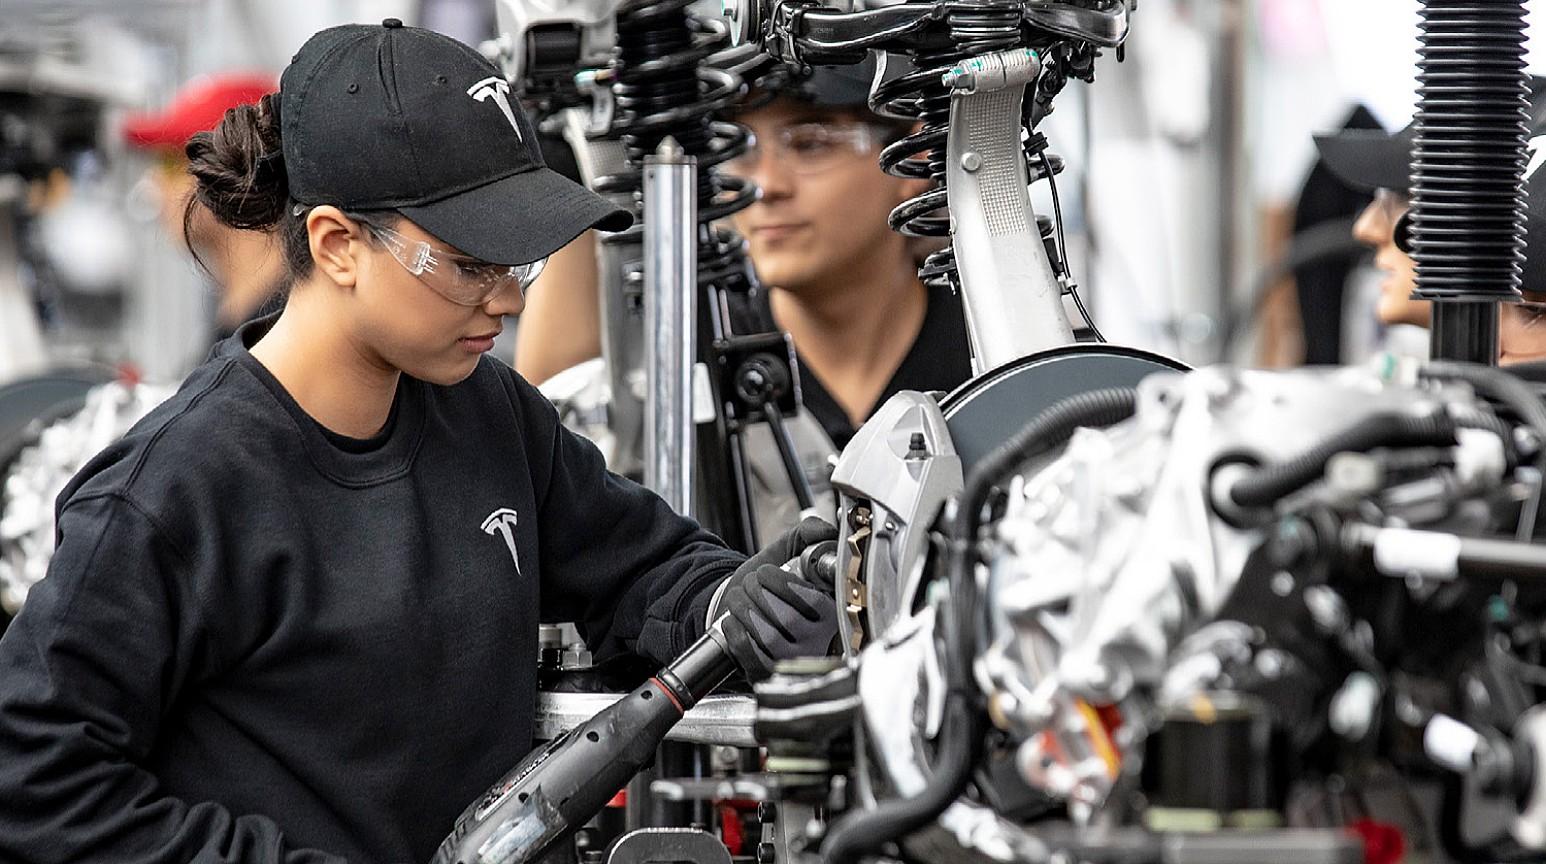 Тесла нанимает, даже с рекордными показателями безработицы в США